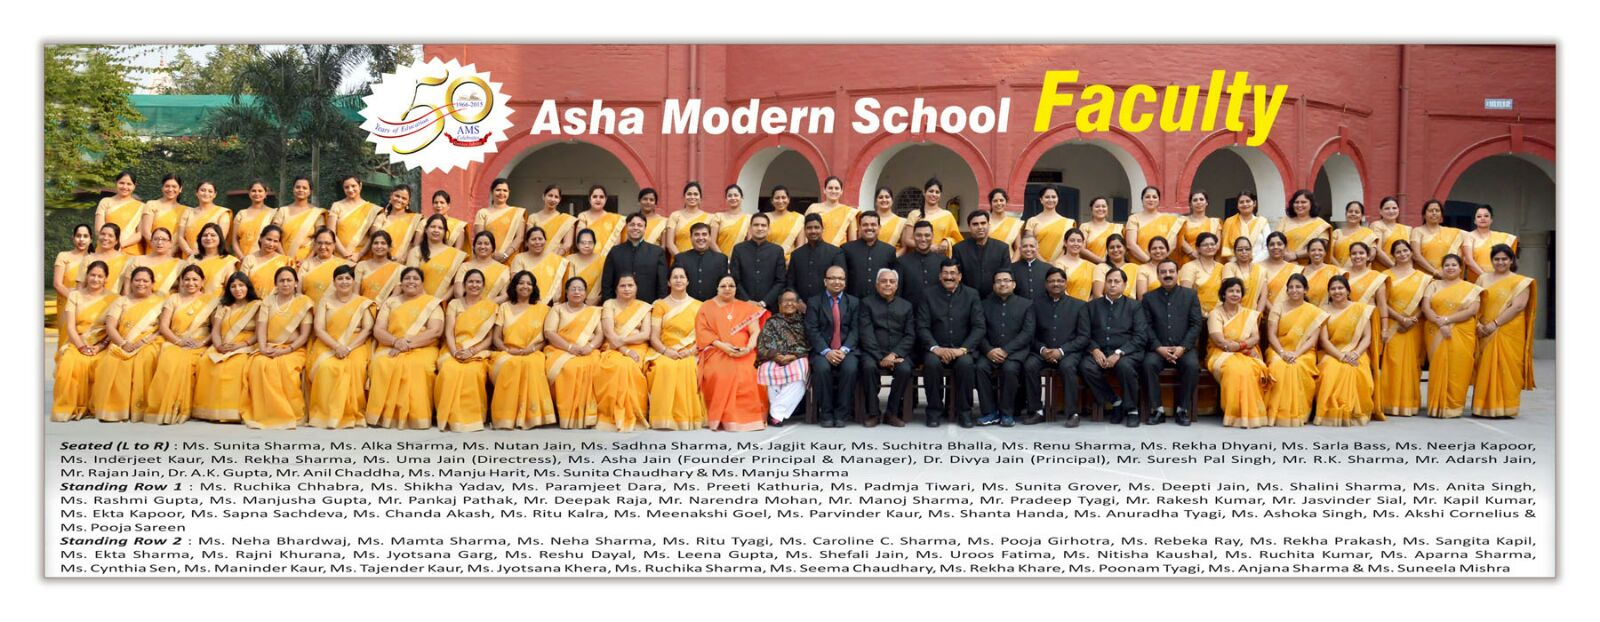 AMS Faculty